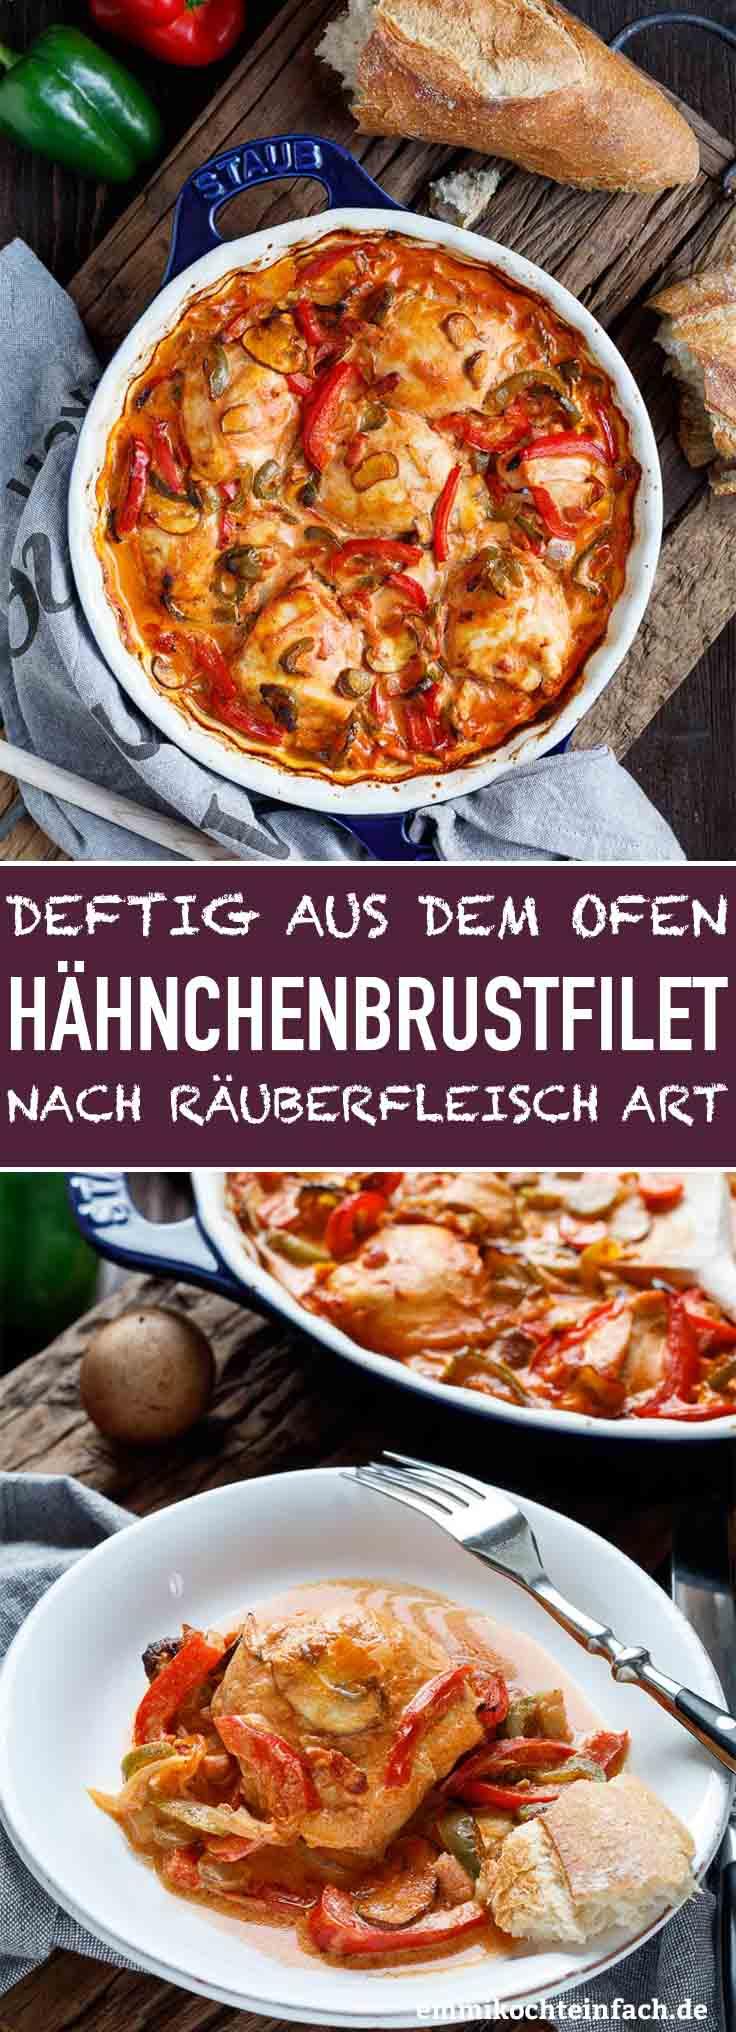 Deftige Hähnchenbrustfilets nach Räuberfleisch Art - www.emmikochteinfach.de